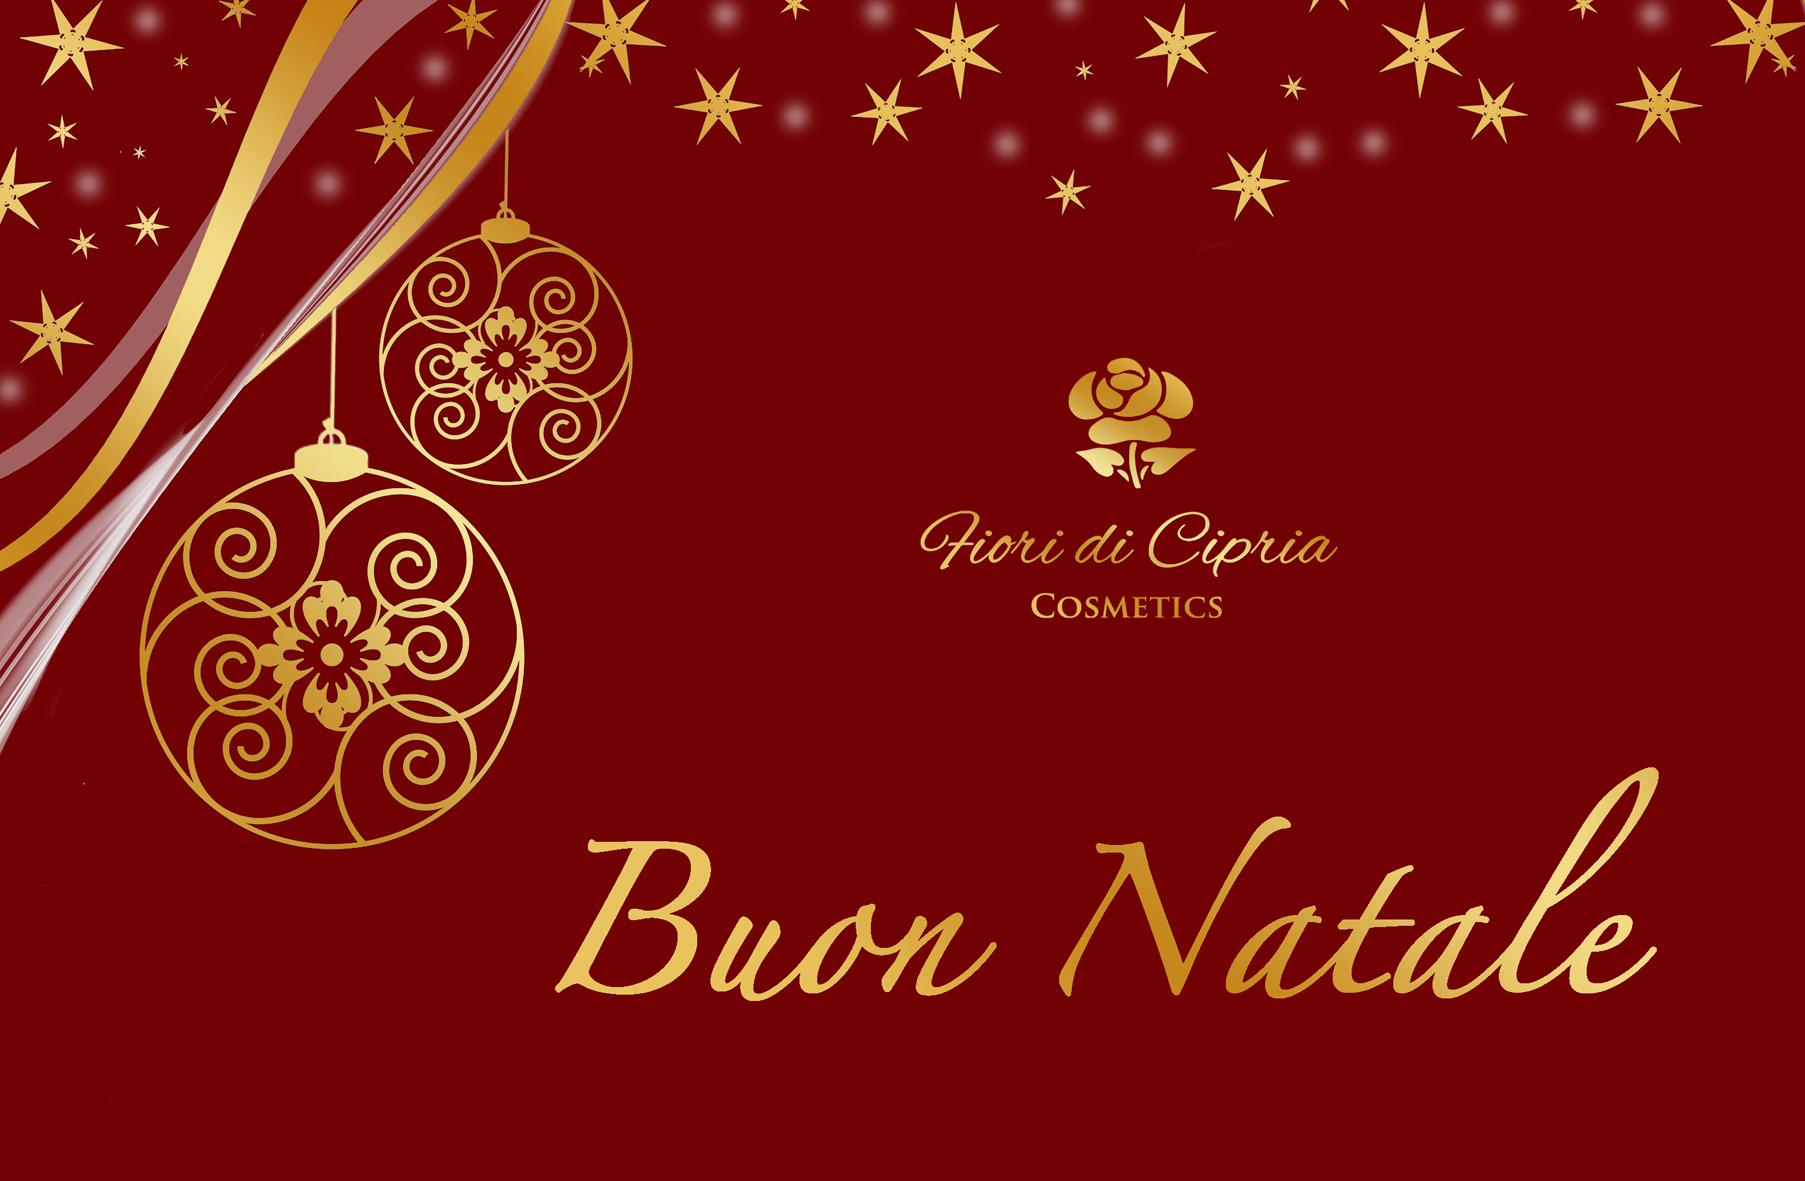 Buon Natale FB e Sito.jpg